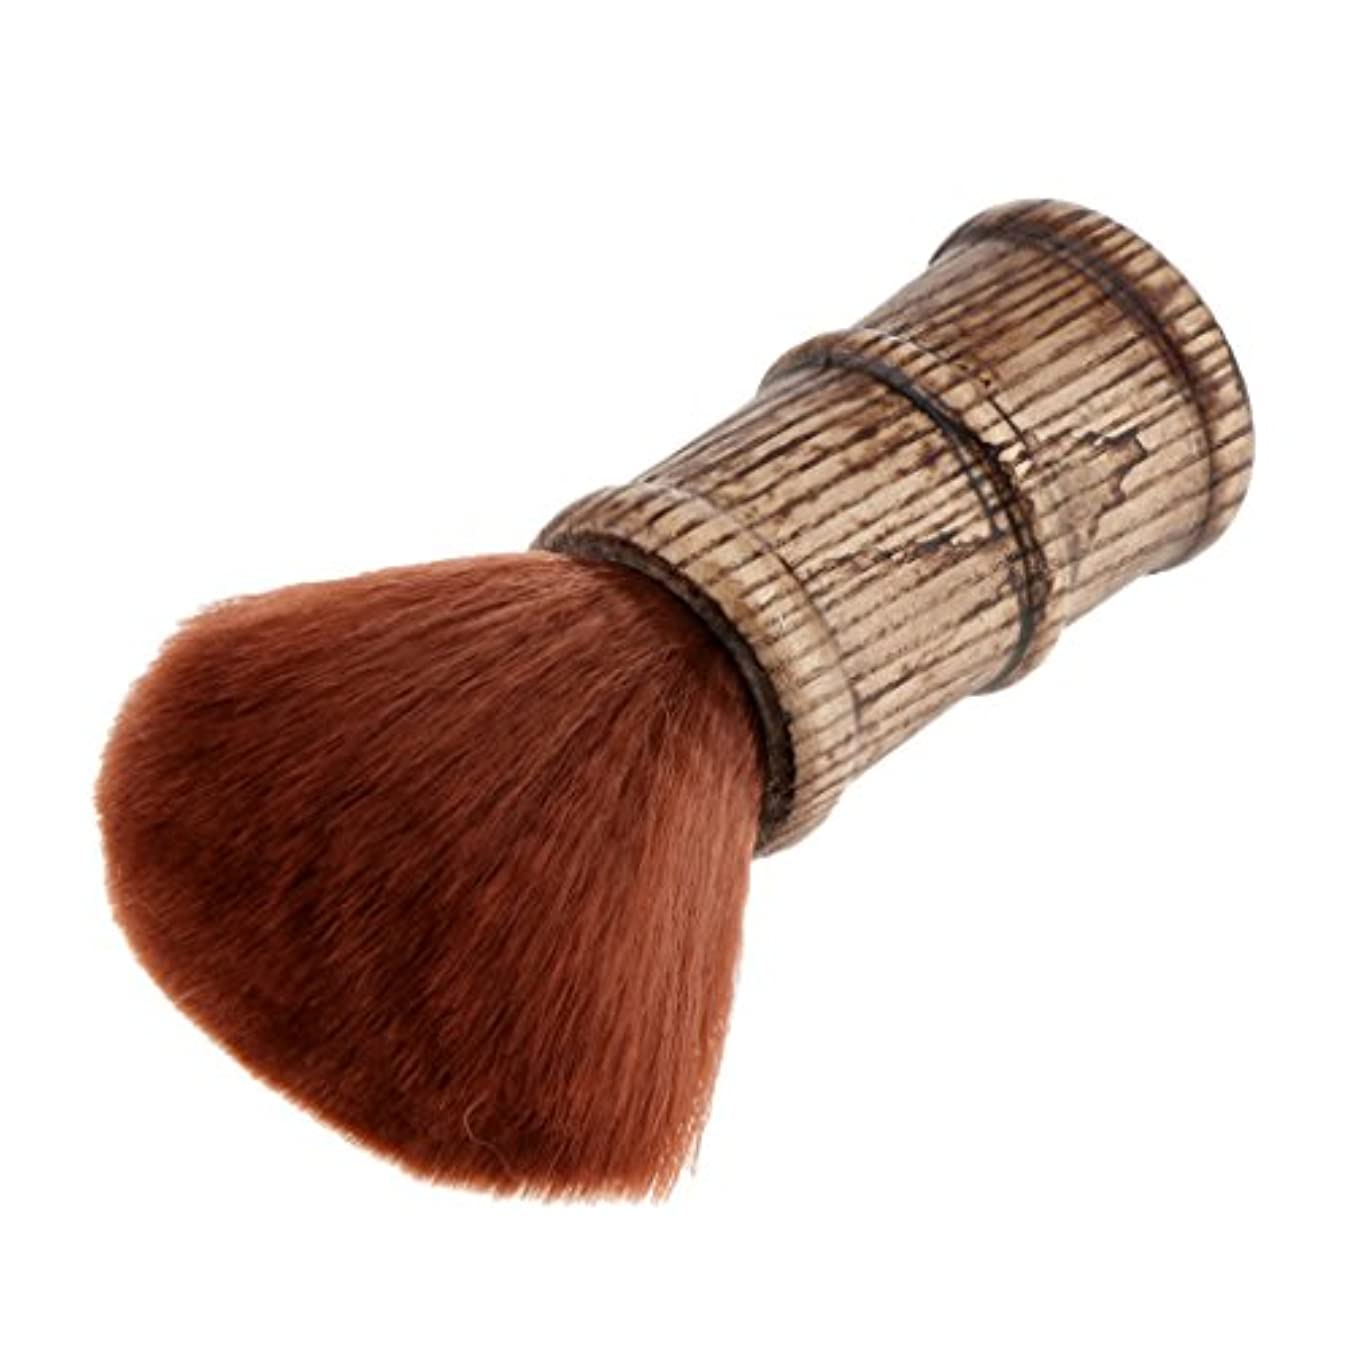 コア個人的に肘ヘアカット 散髪 ネックダスターブラシ ソフト クリーニングヘアブラシ ヘアスイープブラシ 2色選べる - 褐色